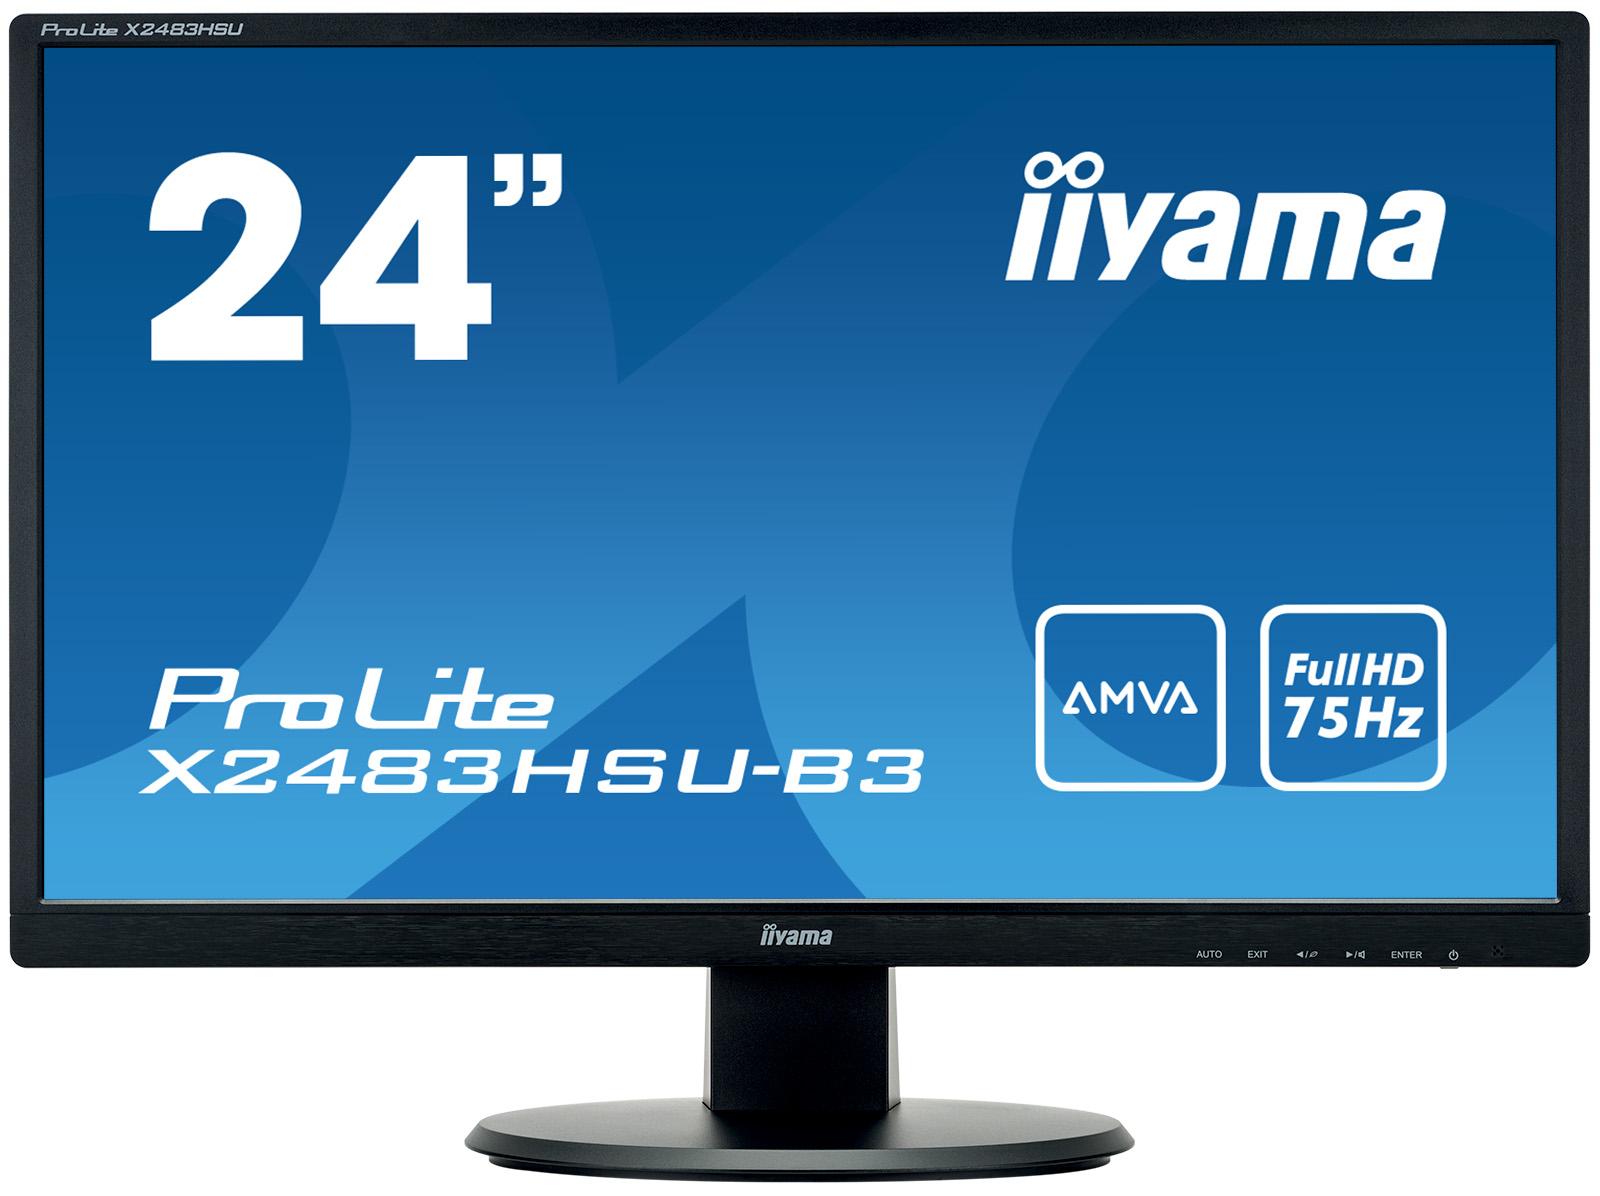 24''LCD iiyama X2483HSU-B3 - FullHD,4ms,250cd/m2,AMVA, HDMI,DP,VGA,USB,repro - X2483HSU-B3